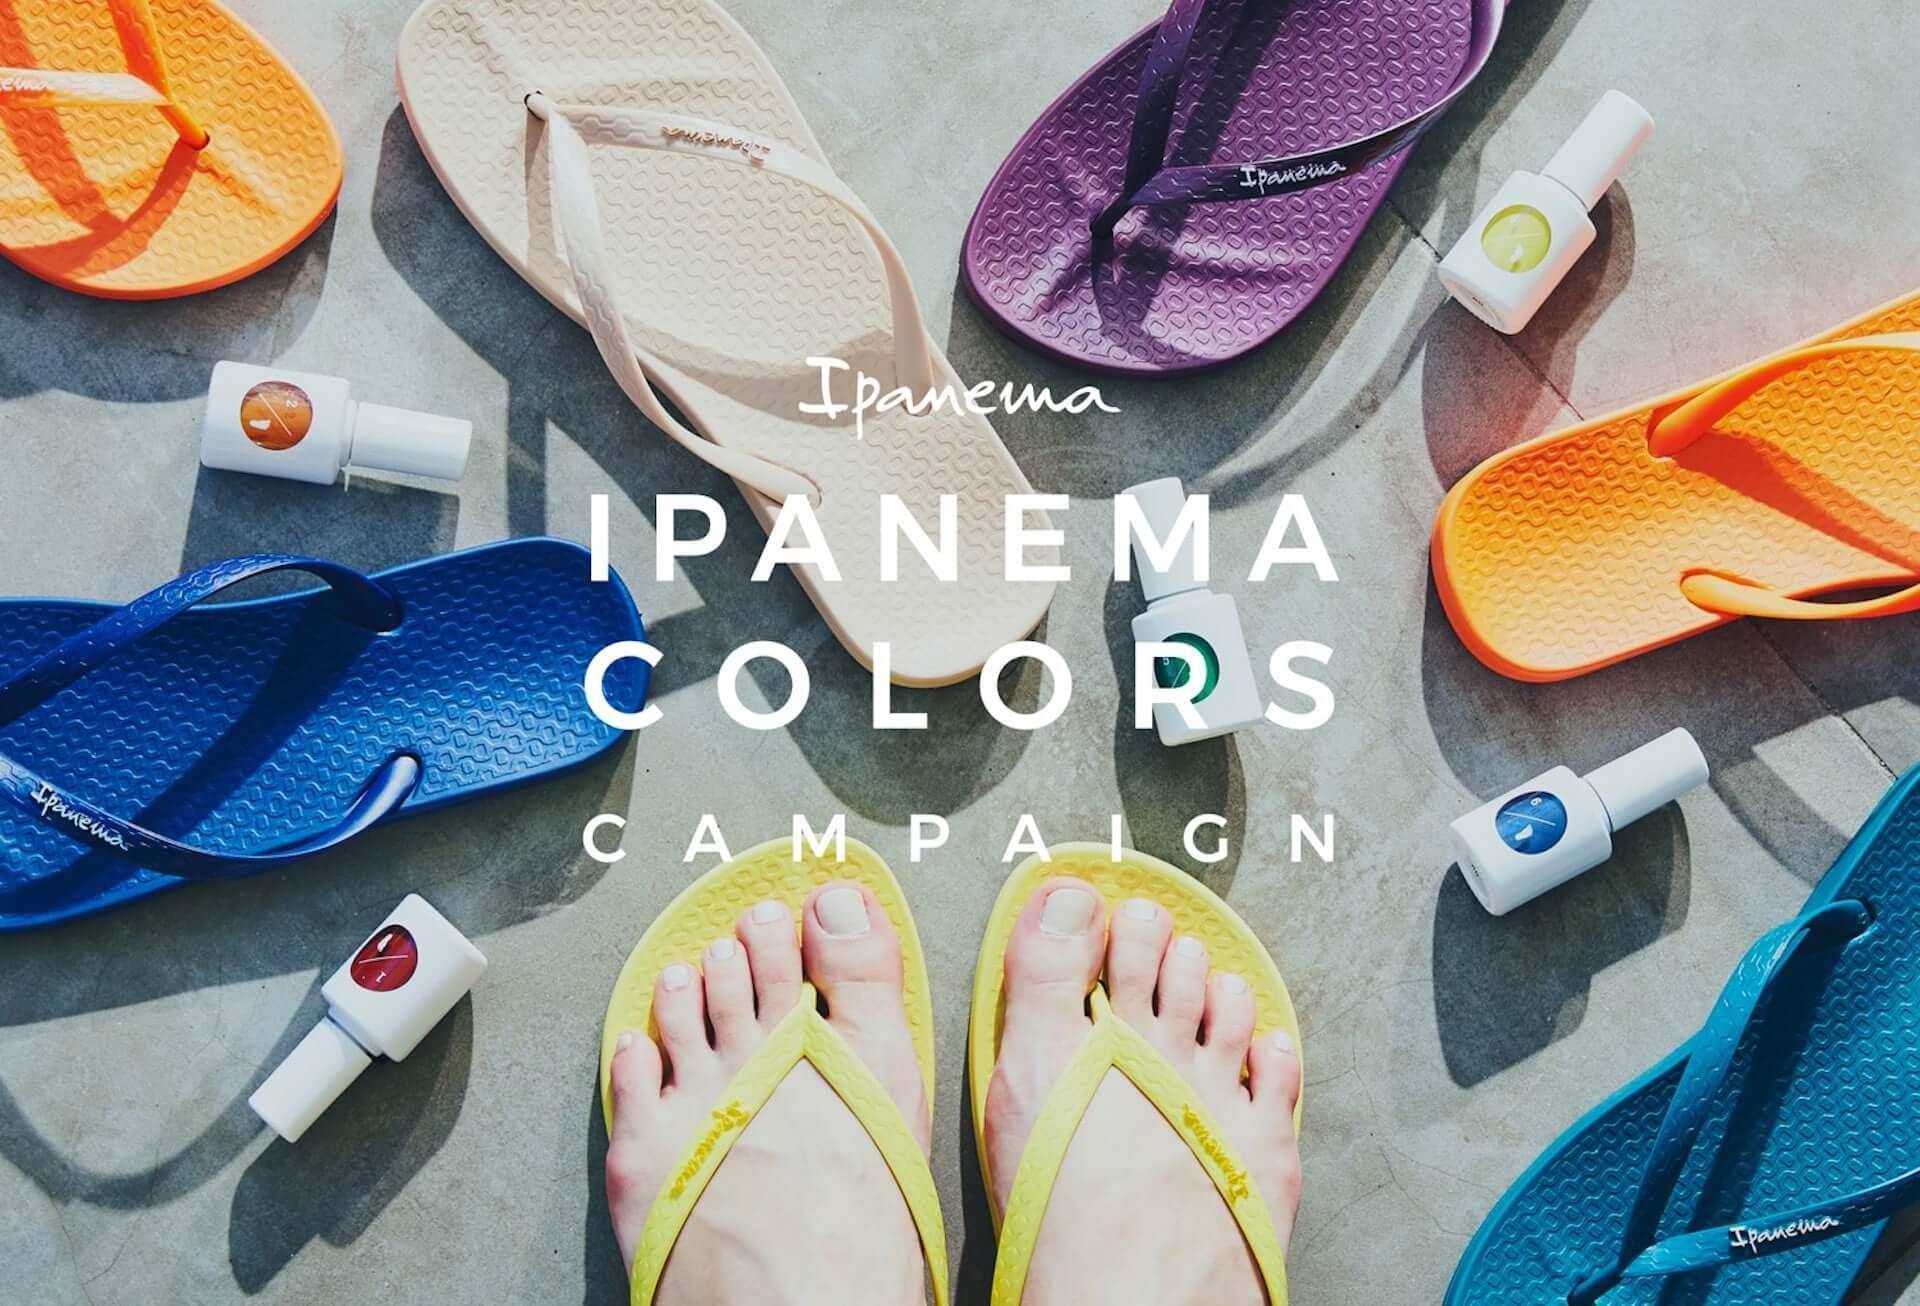 今夏必携のビーチサンダルが多数展開!ブラジル発のブランド・イパネマが「カラーズキャンペーン」を開始 lf200616_ipanema_1-1920x1306